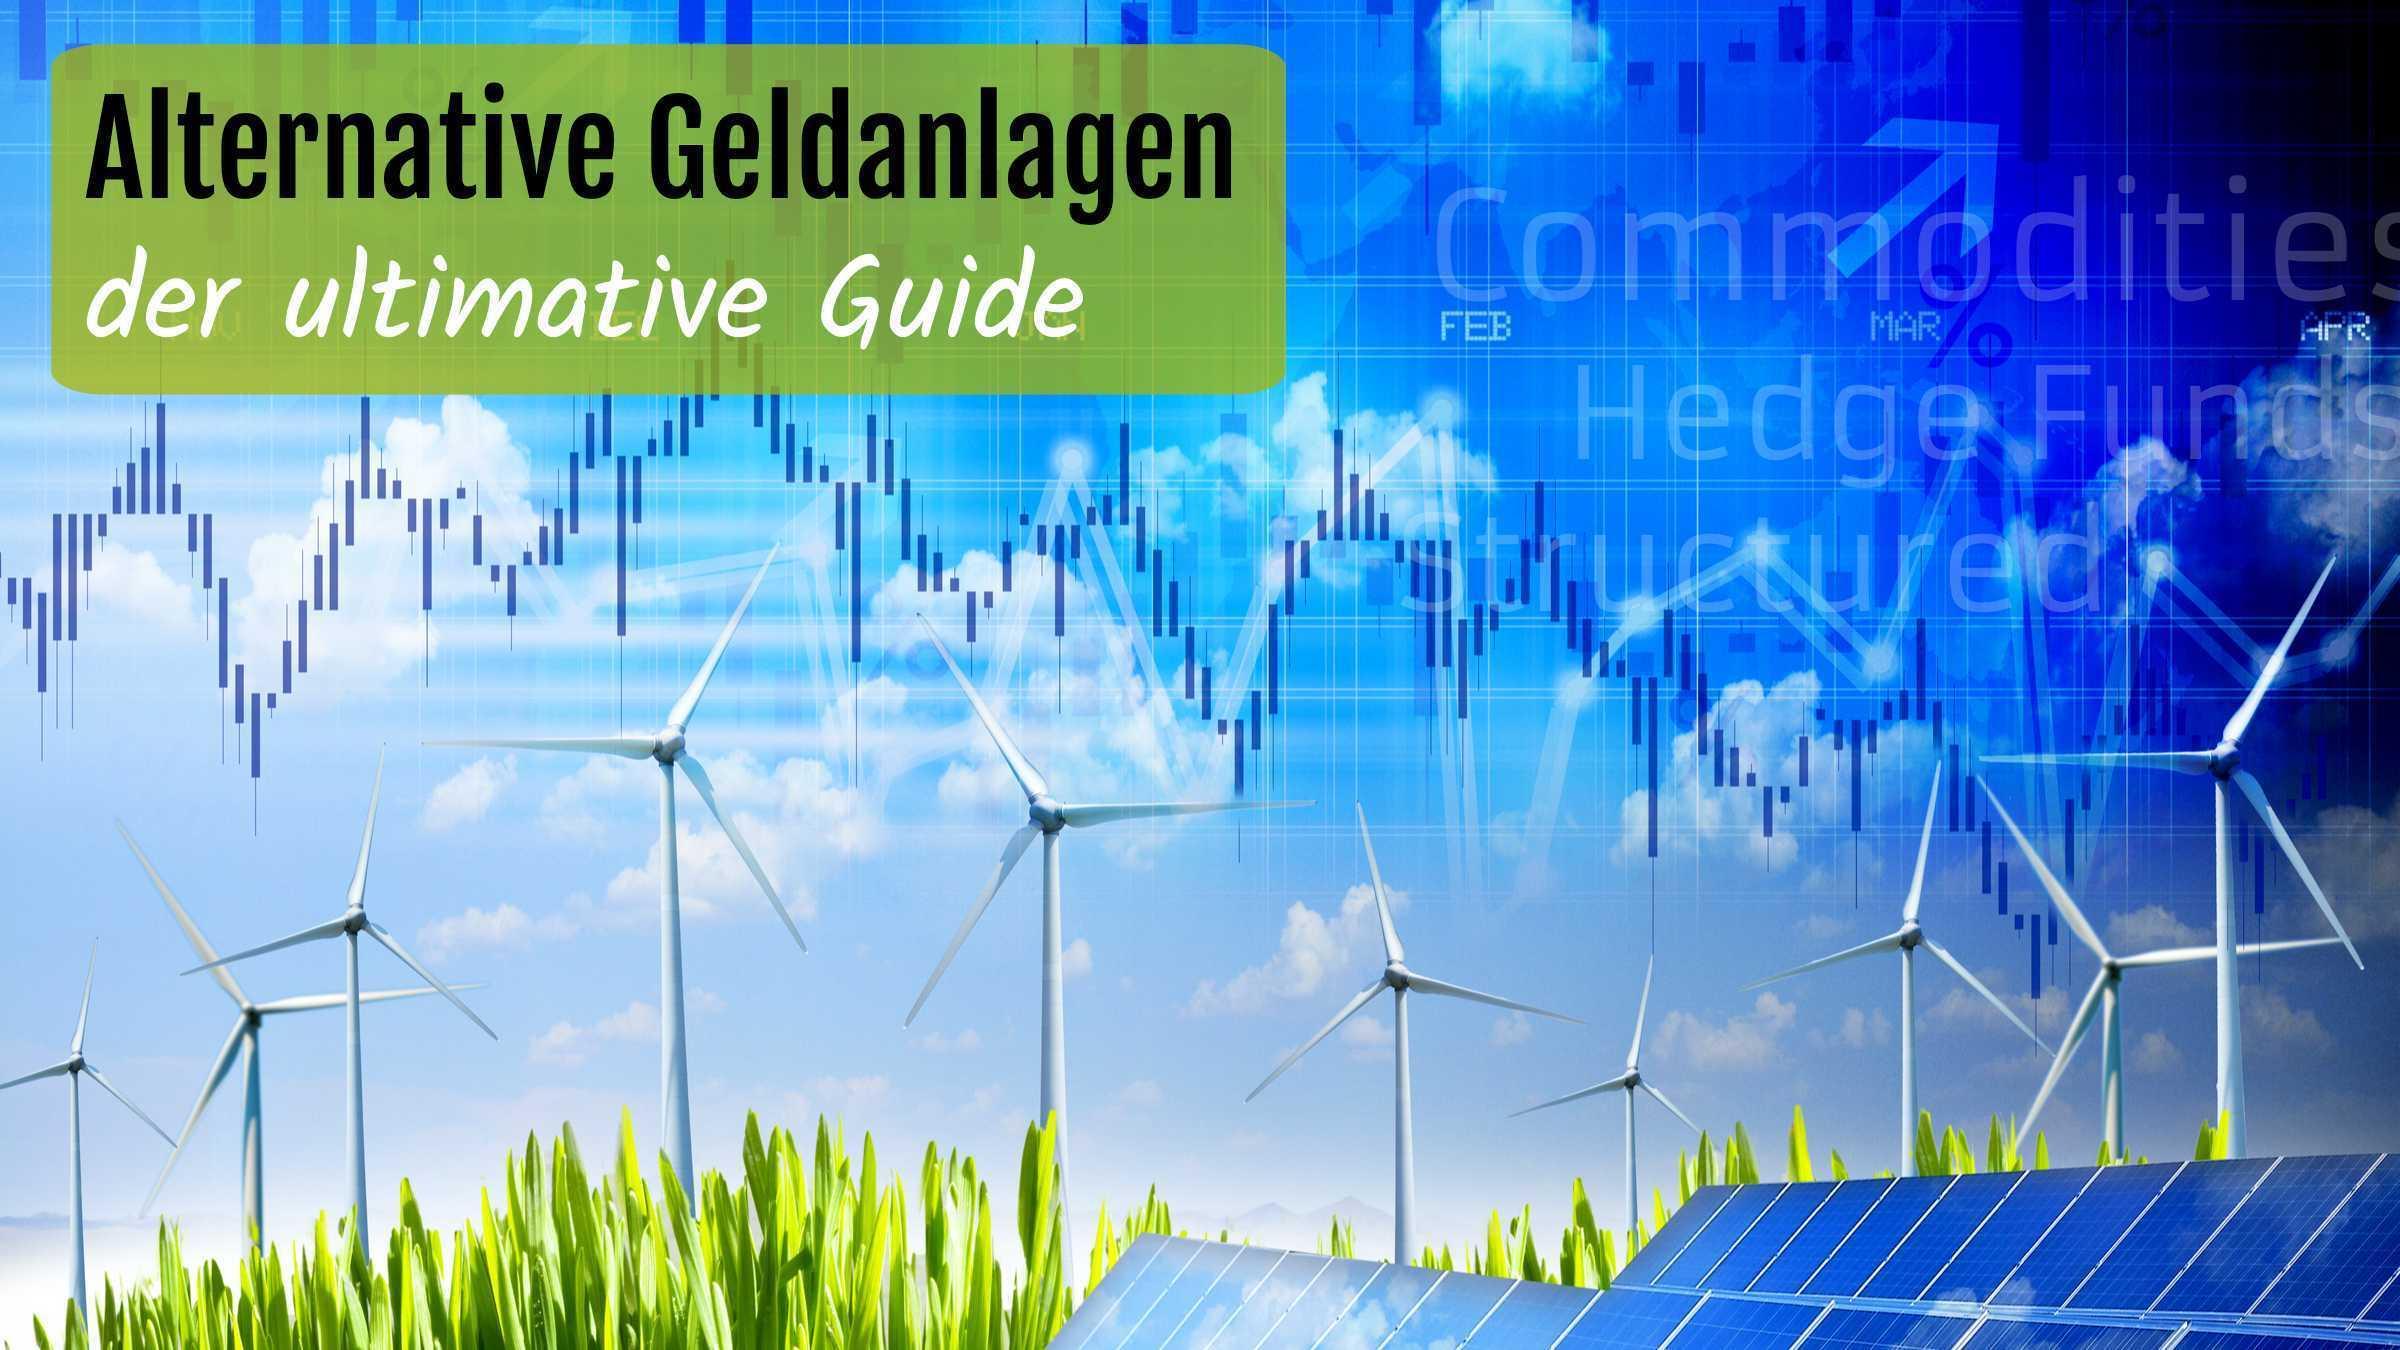 Alternative Geldanlagen (Investments): der ultimative Guide